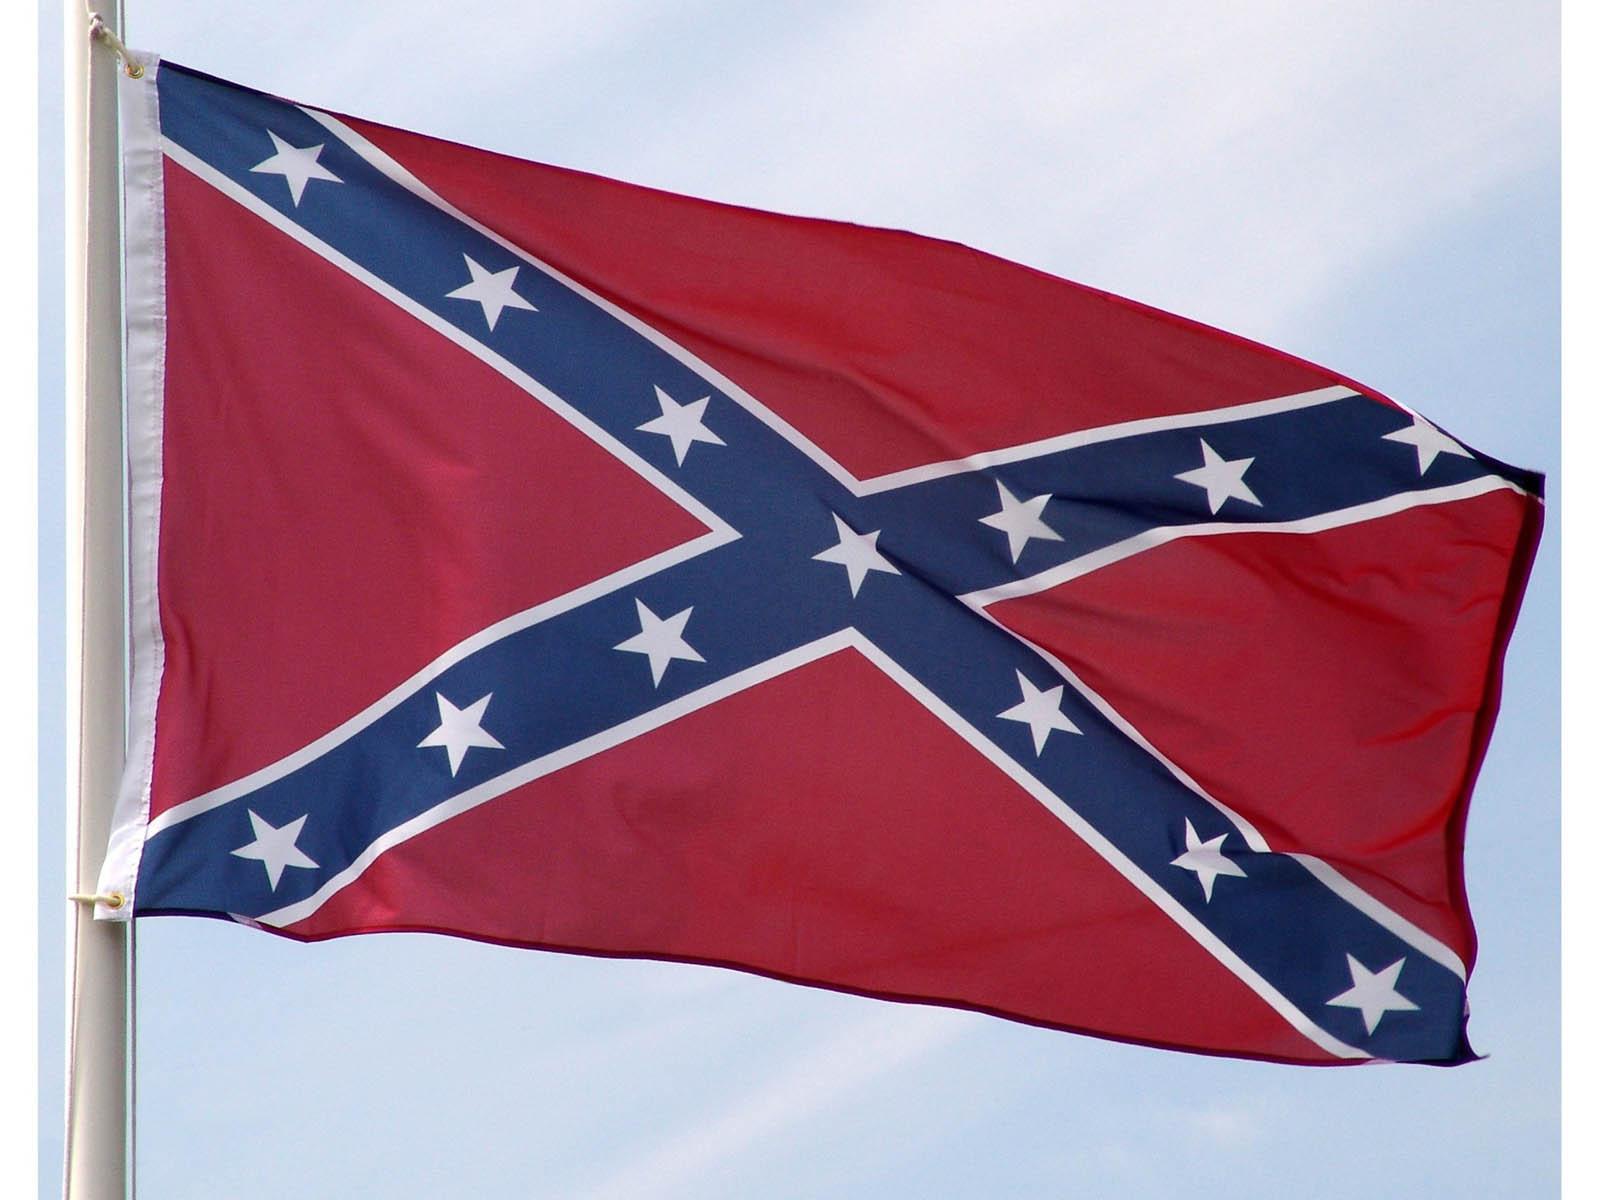 Texas Confederate Flag Wallpapers 2013 Wallpaper 1600x1200